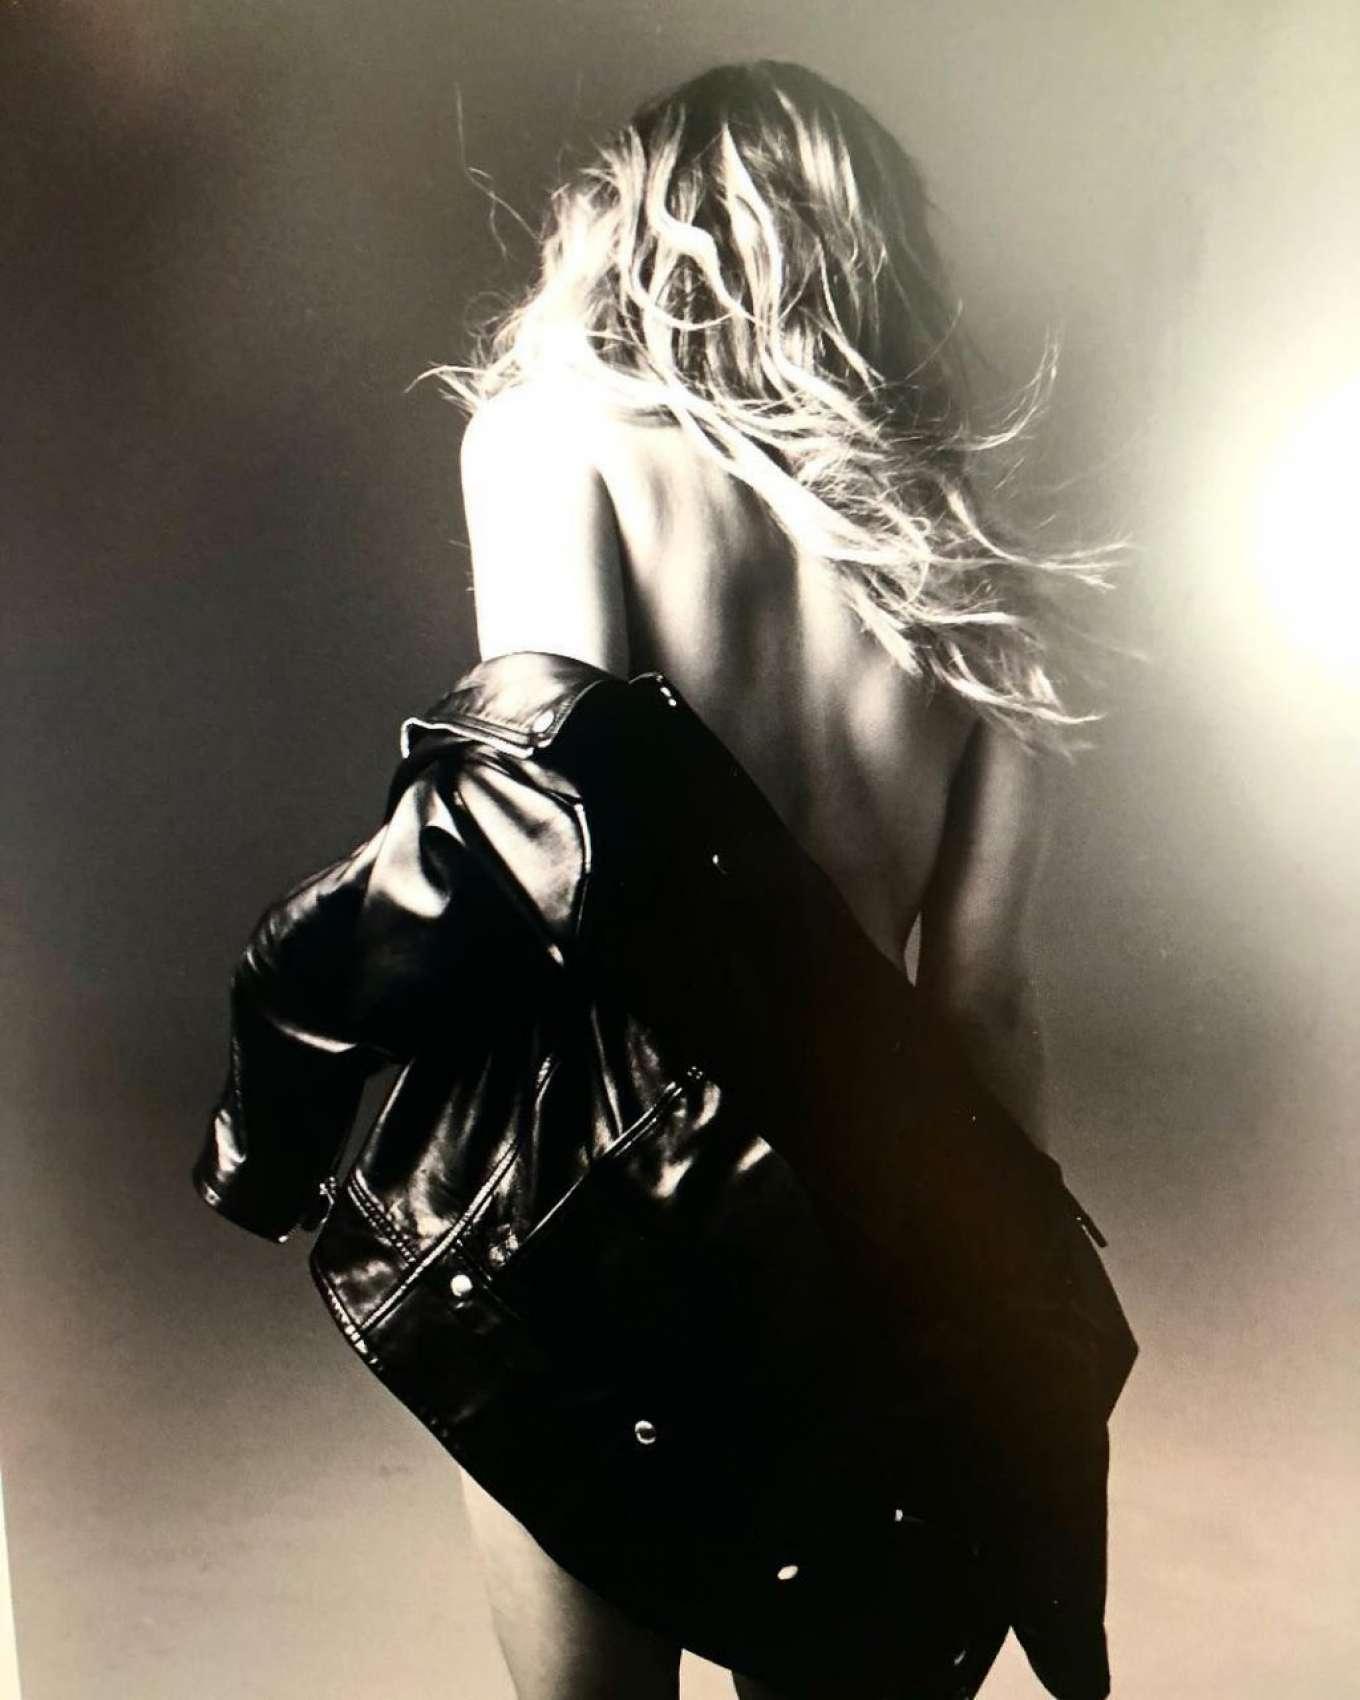 Ashley Benson 2019 : Ashley Benson – Instagram-10